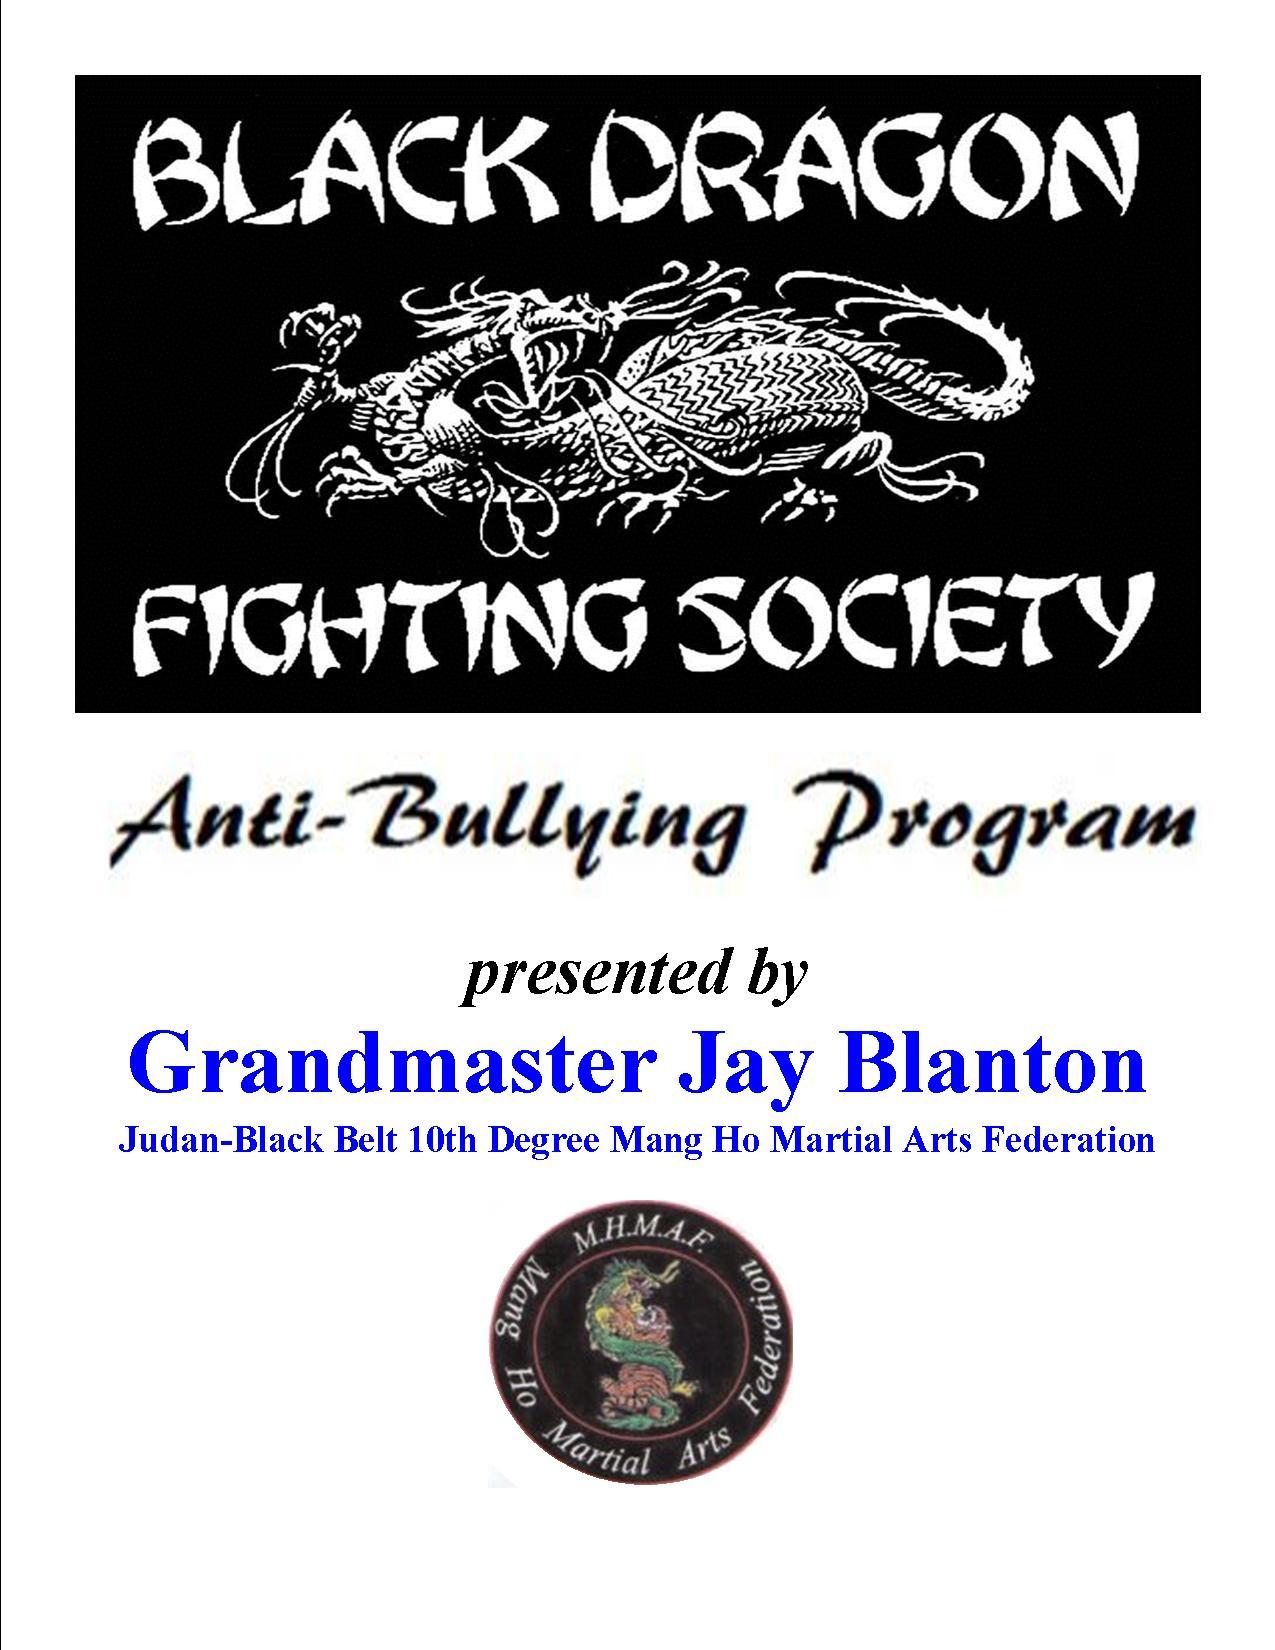 BLACK DRAGON FIGHTING SOCIETY ANTI-BULLYING PROGRAM